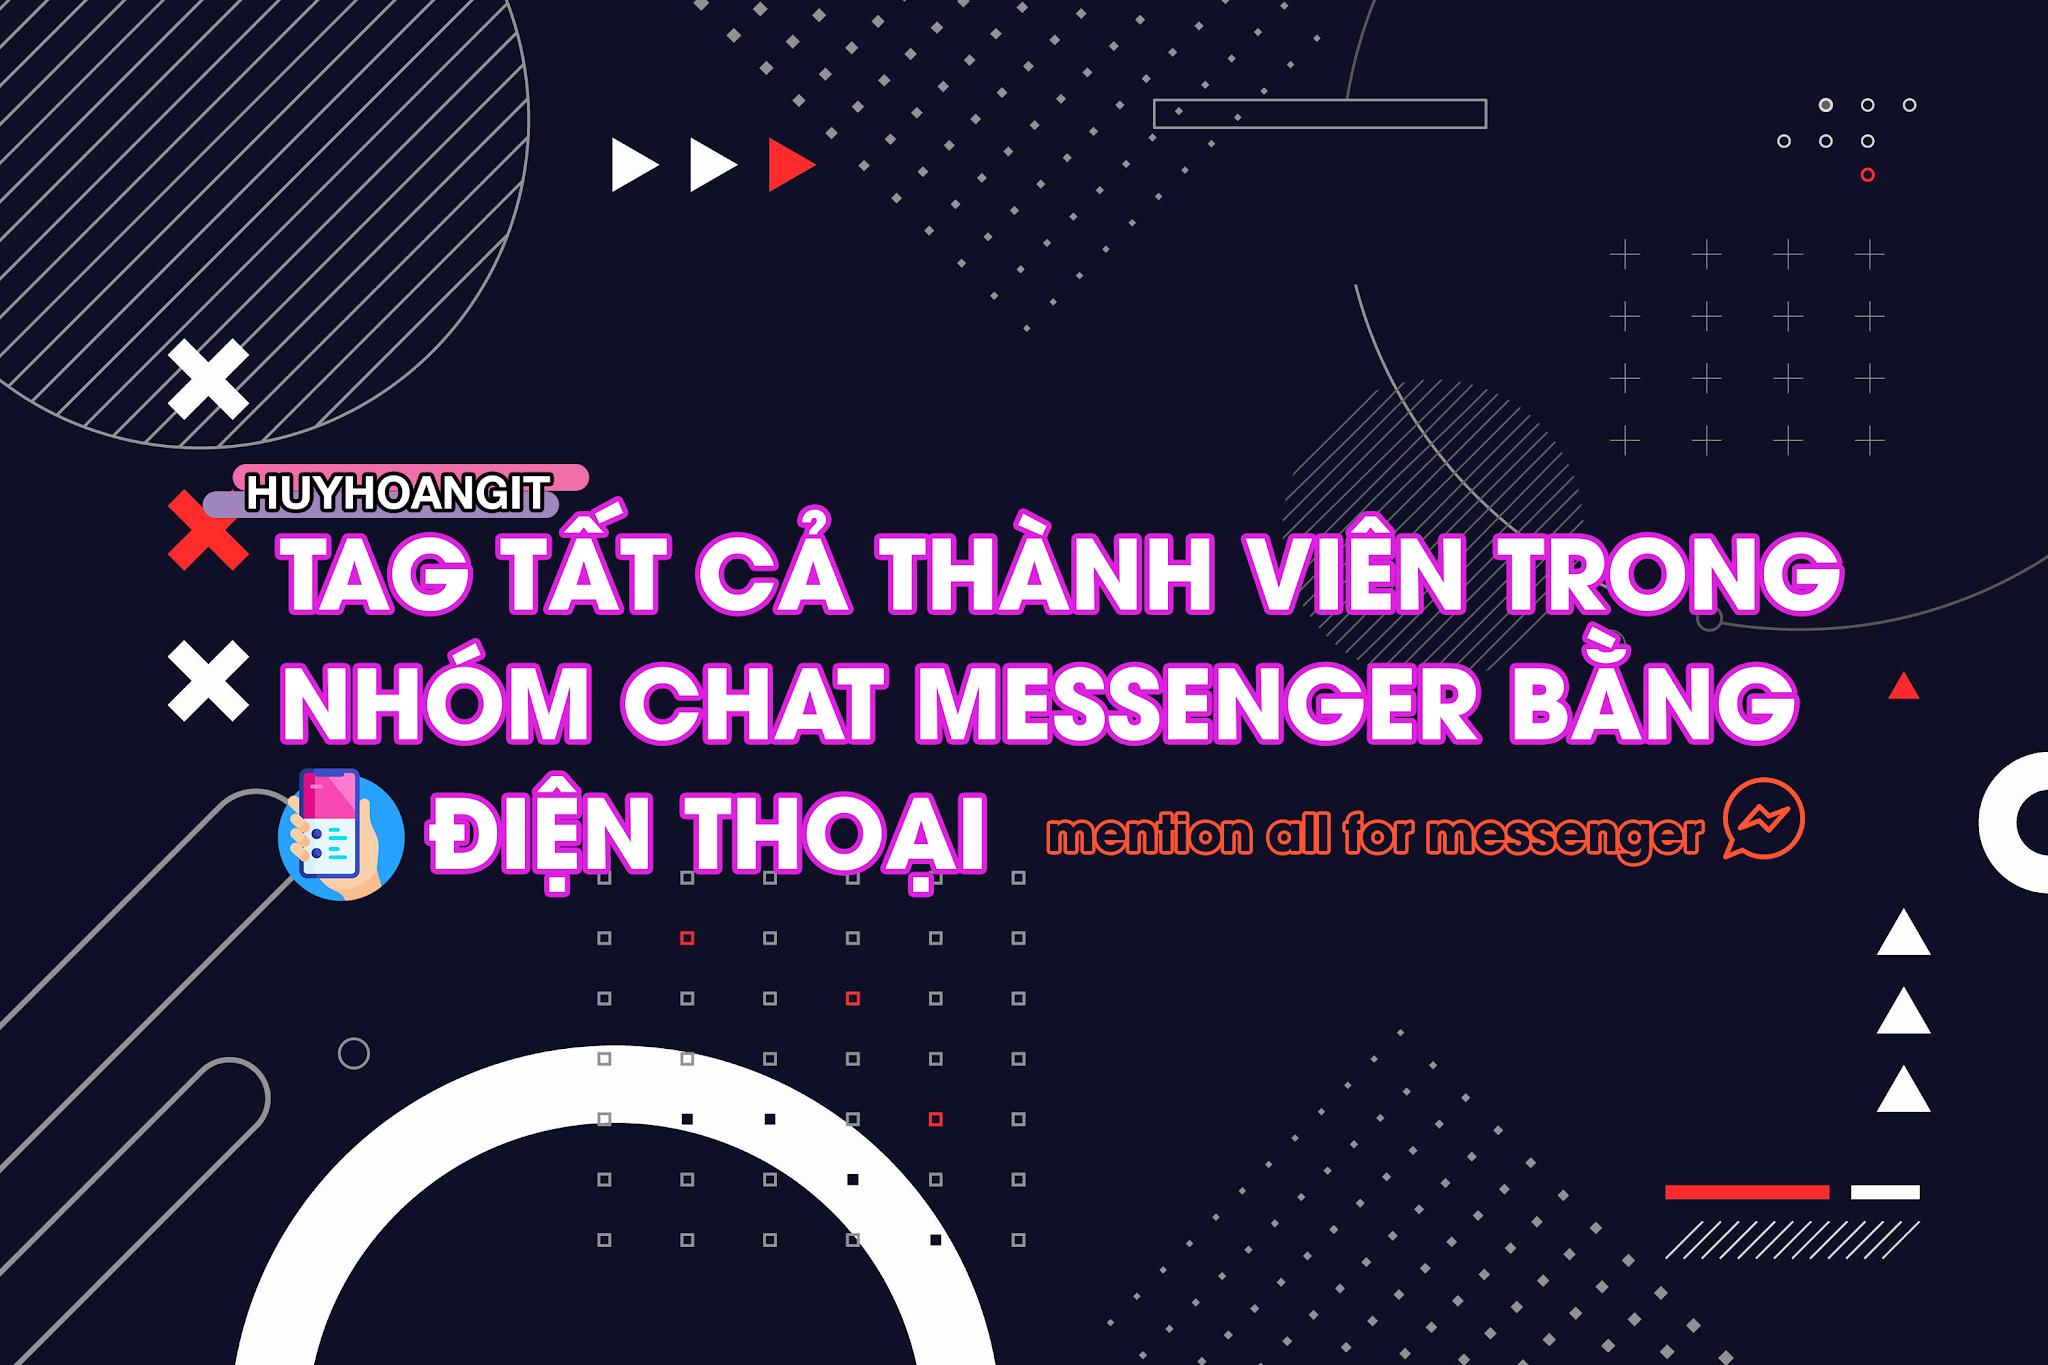 Tag tất cả thành viên trong nhóm chat messenger bằng điện thoại